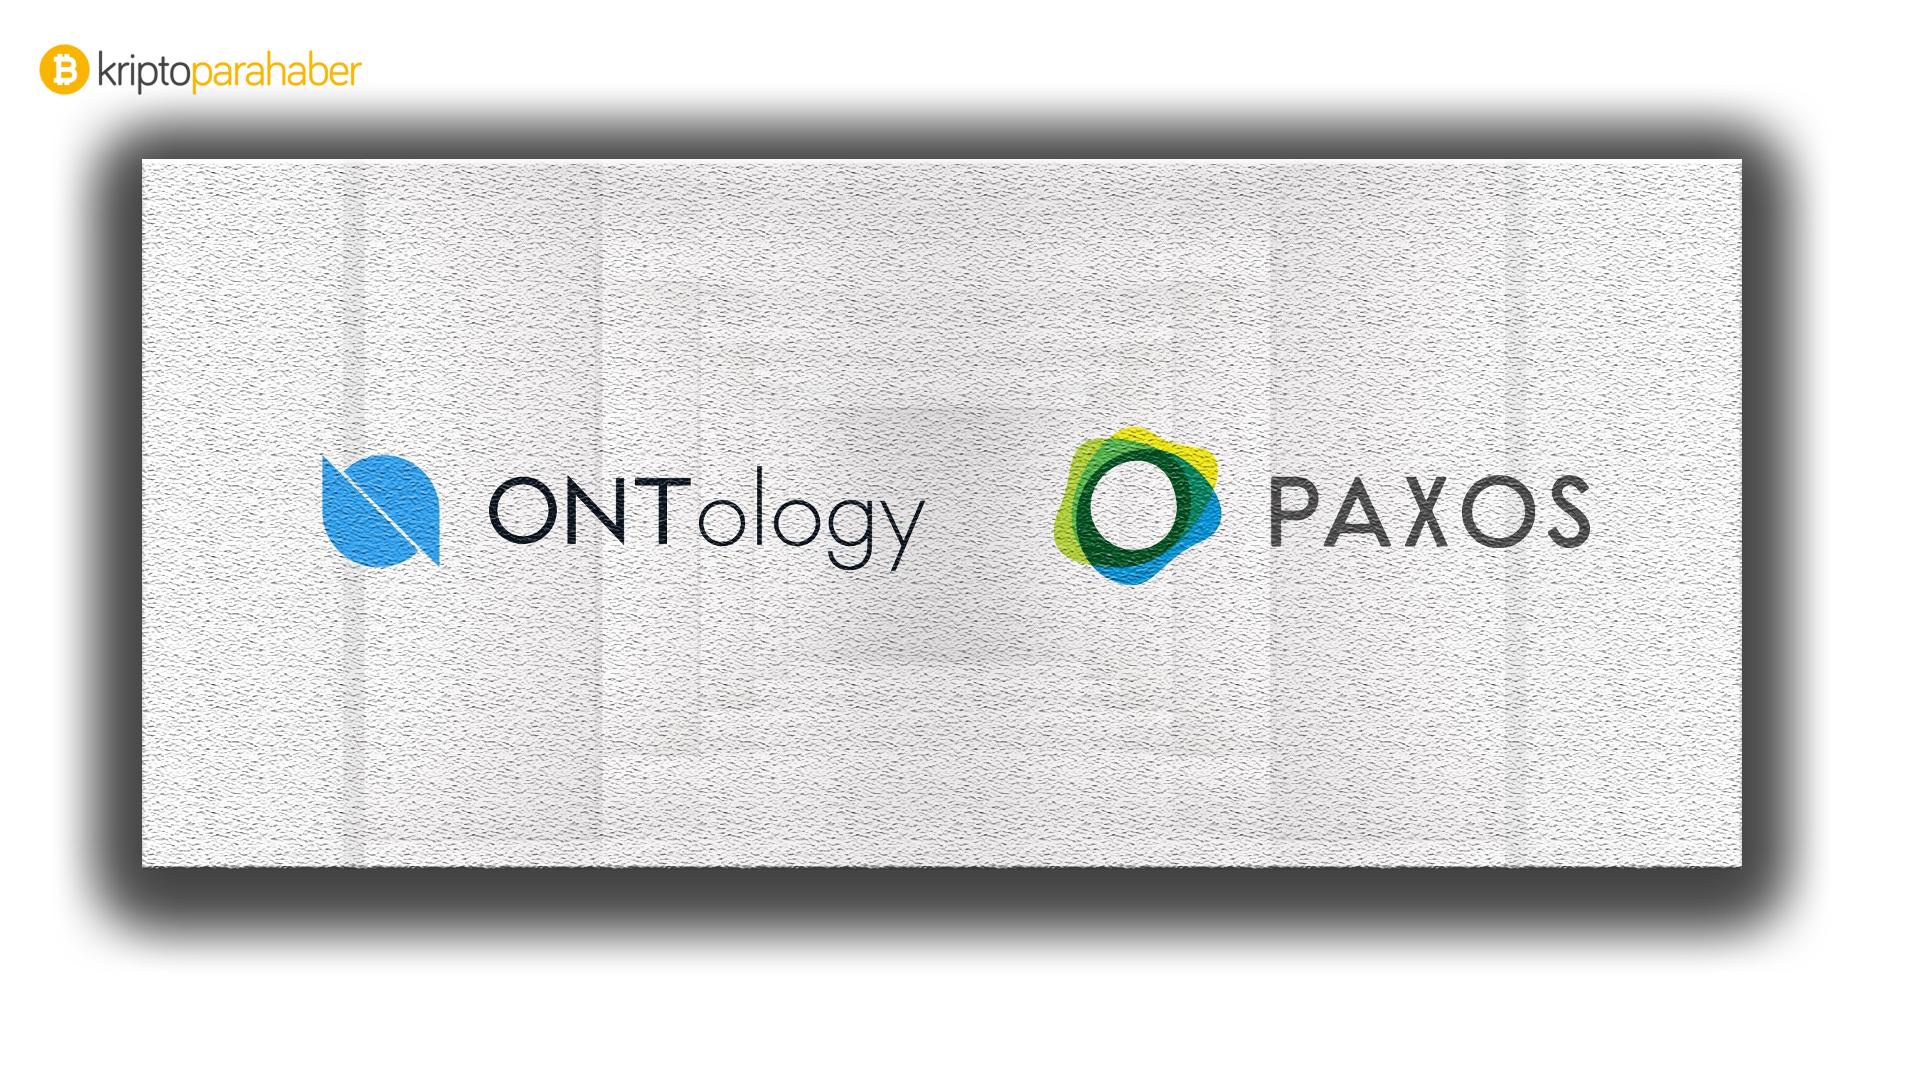 ontology paxos